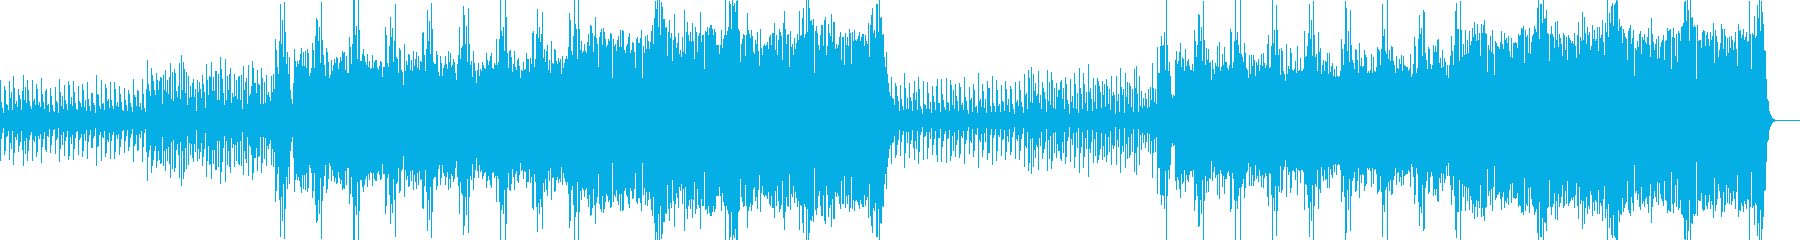 時間制限 ゲームで使える曲の再生済みの波形